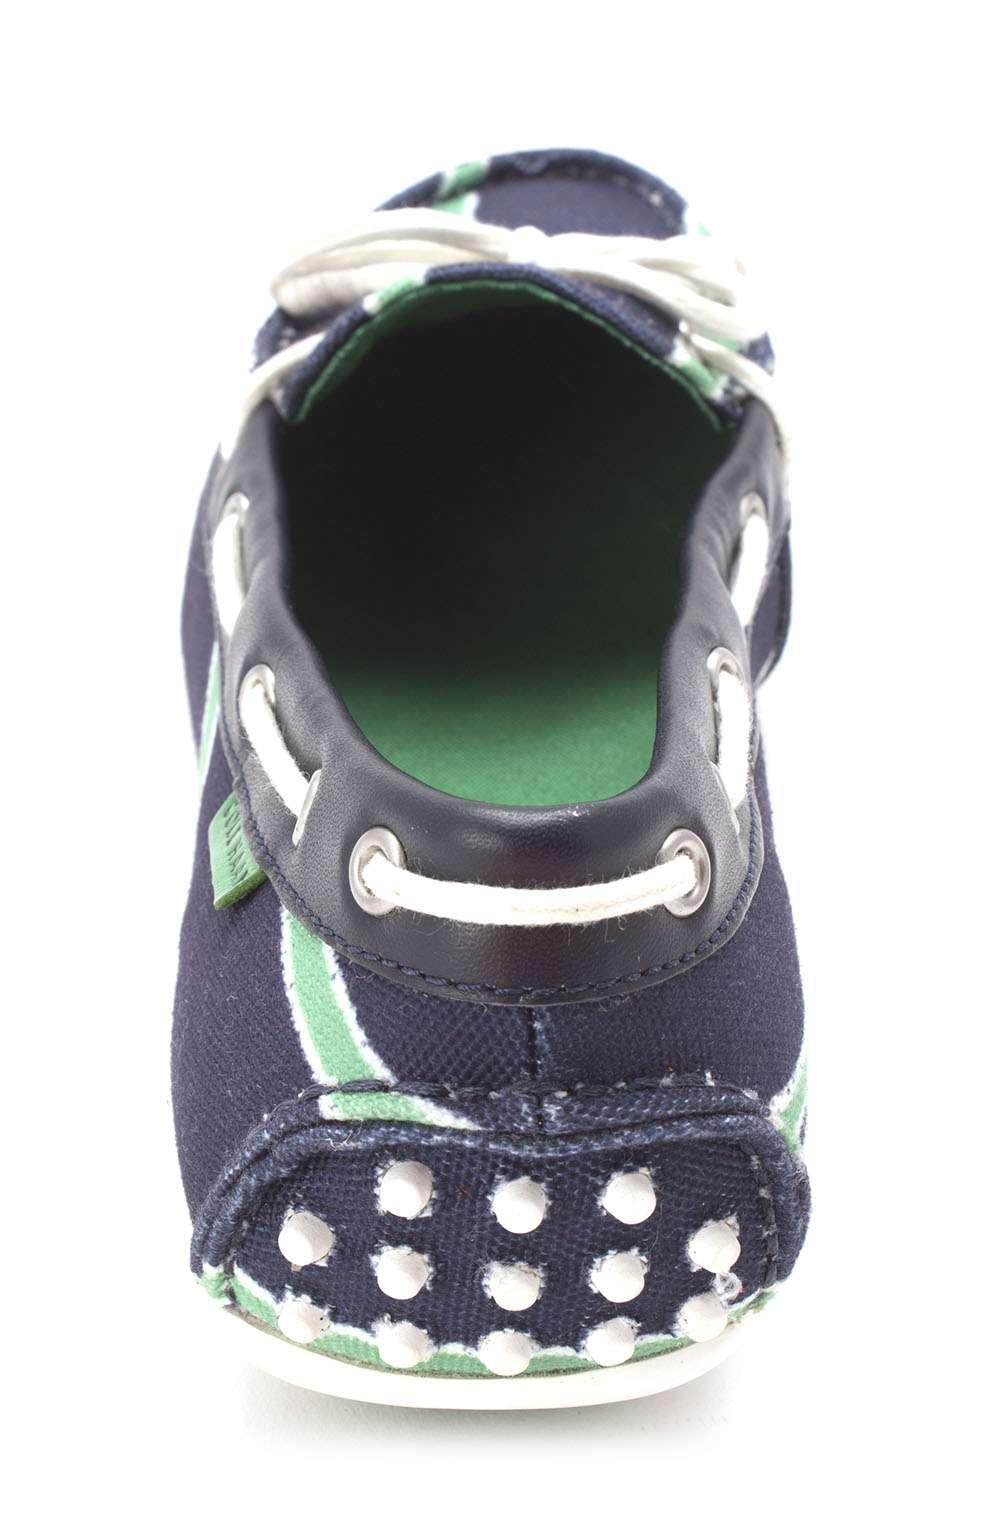 Cole Haan D44173, Zapato EU/6US Náutico Mujeres, Lona, EU/6US Zapato e69028